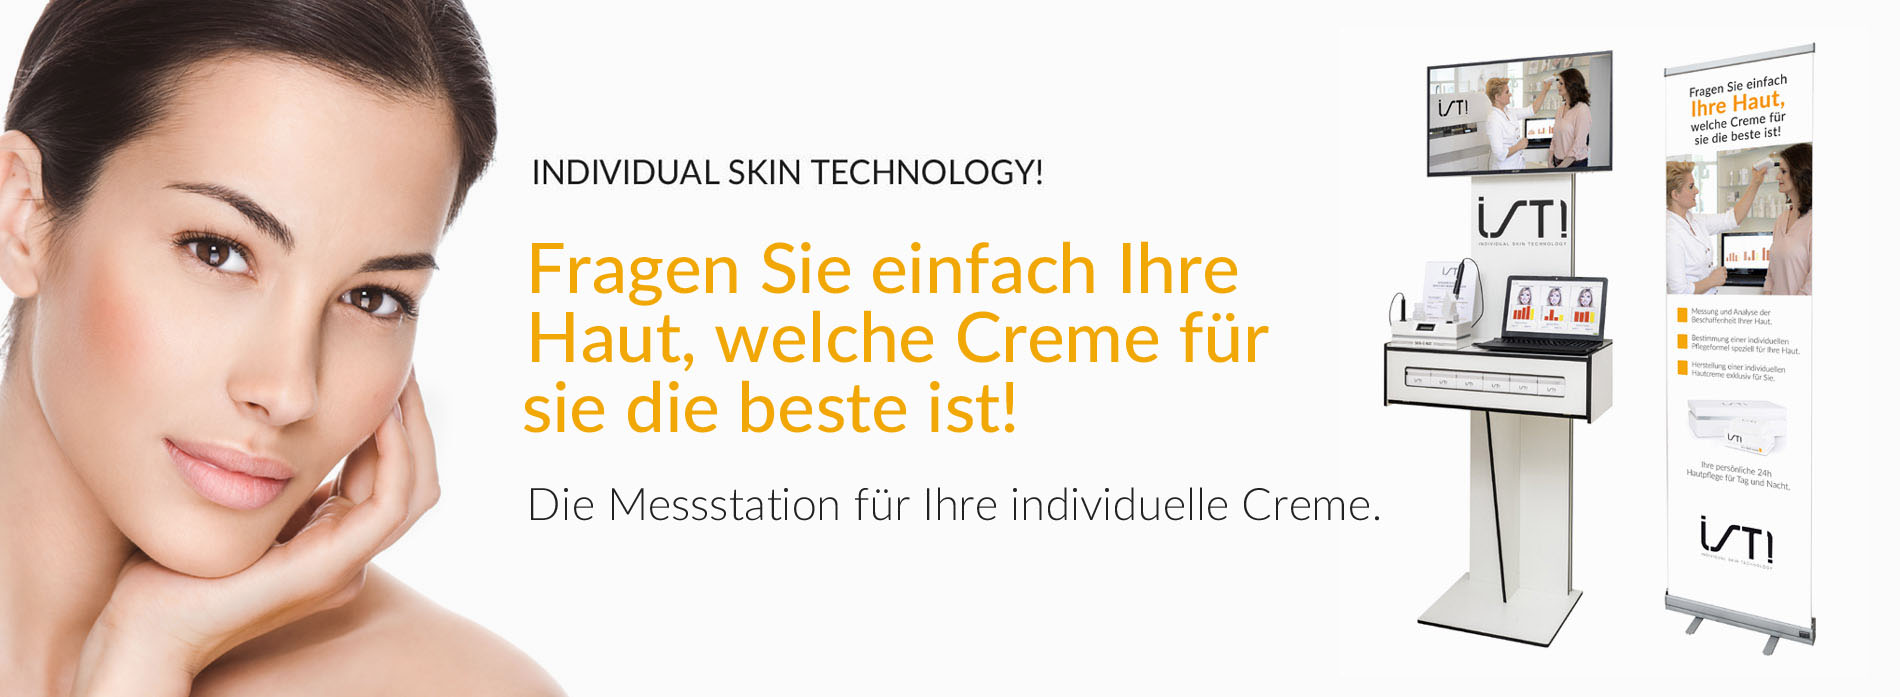 Hautanalyse für die Herstellung individueller Hautpflegecremes